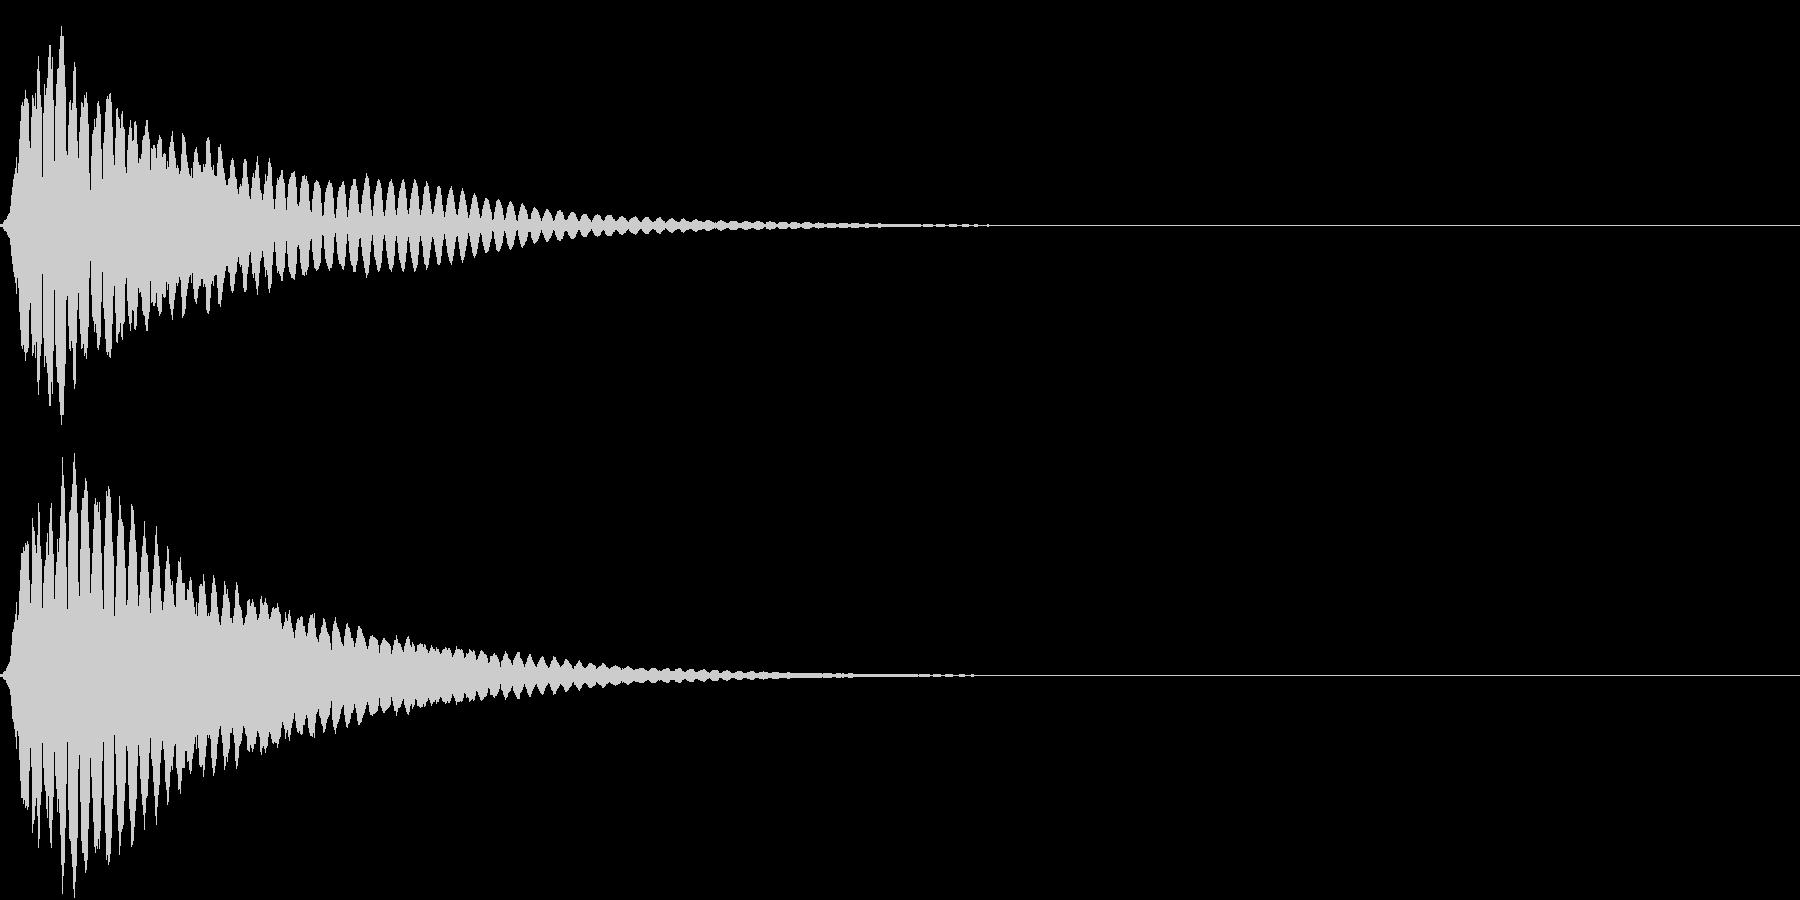 キュイン ボタン ピキーン キーン 20の未再生の波形